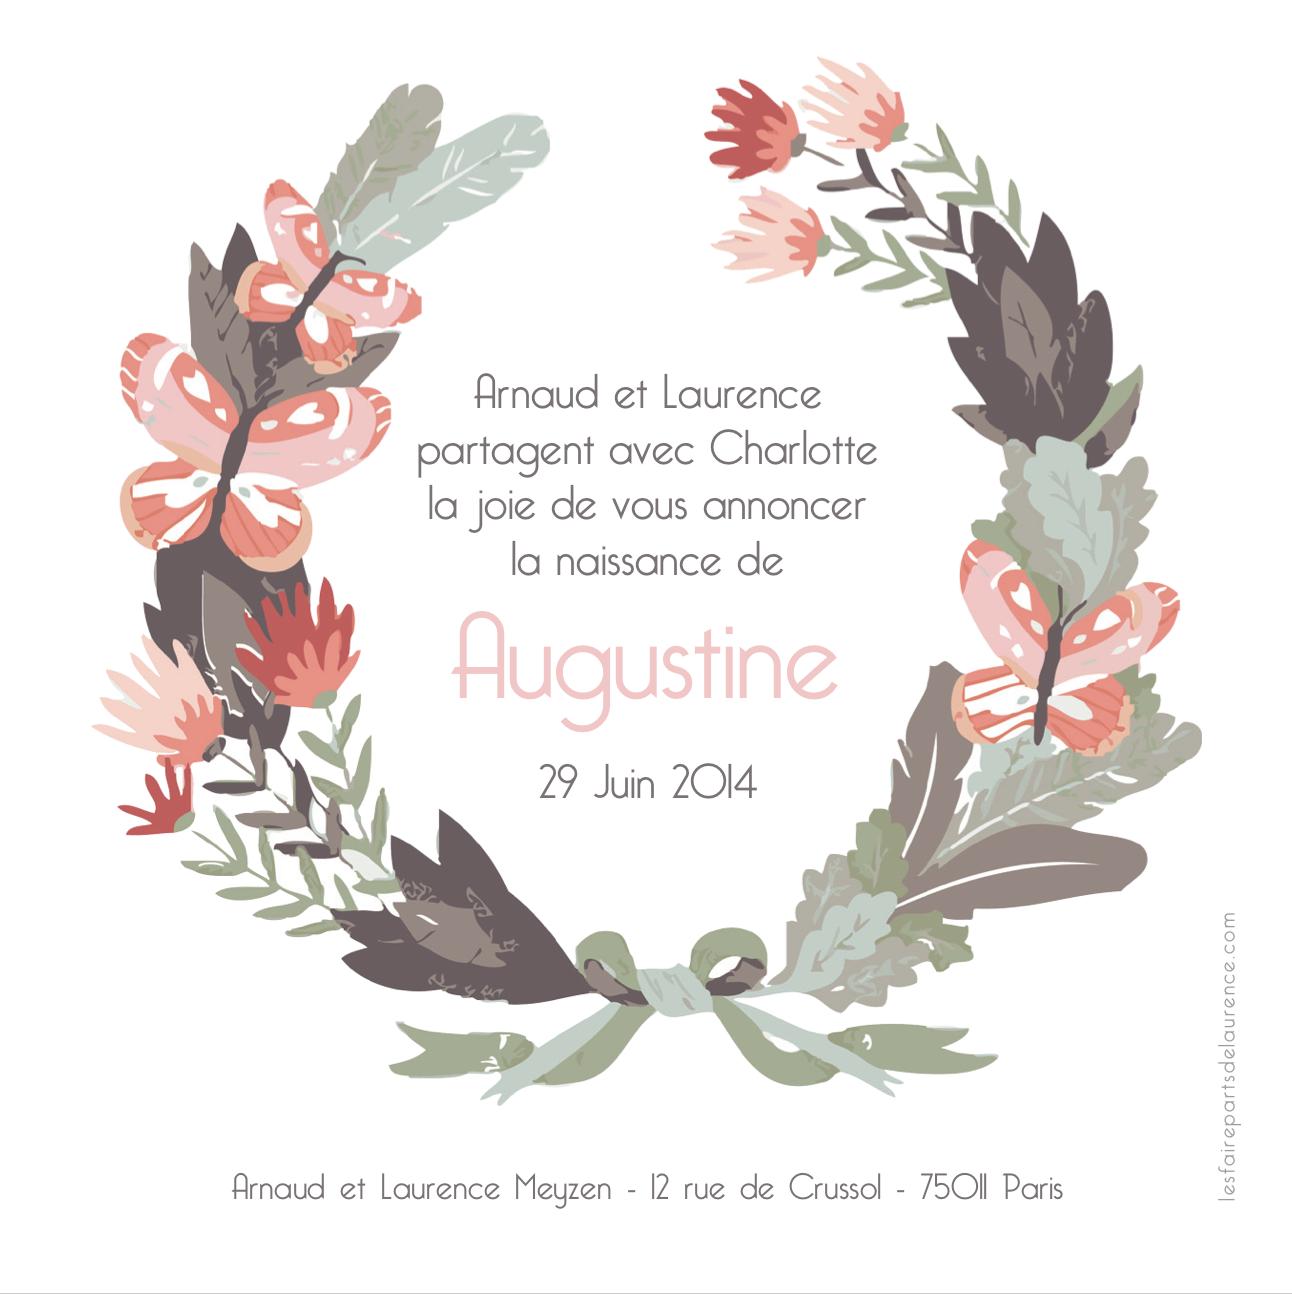 Auguste_carré_verso_texte_fille.png